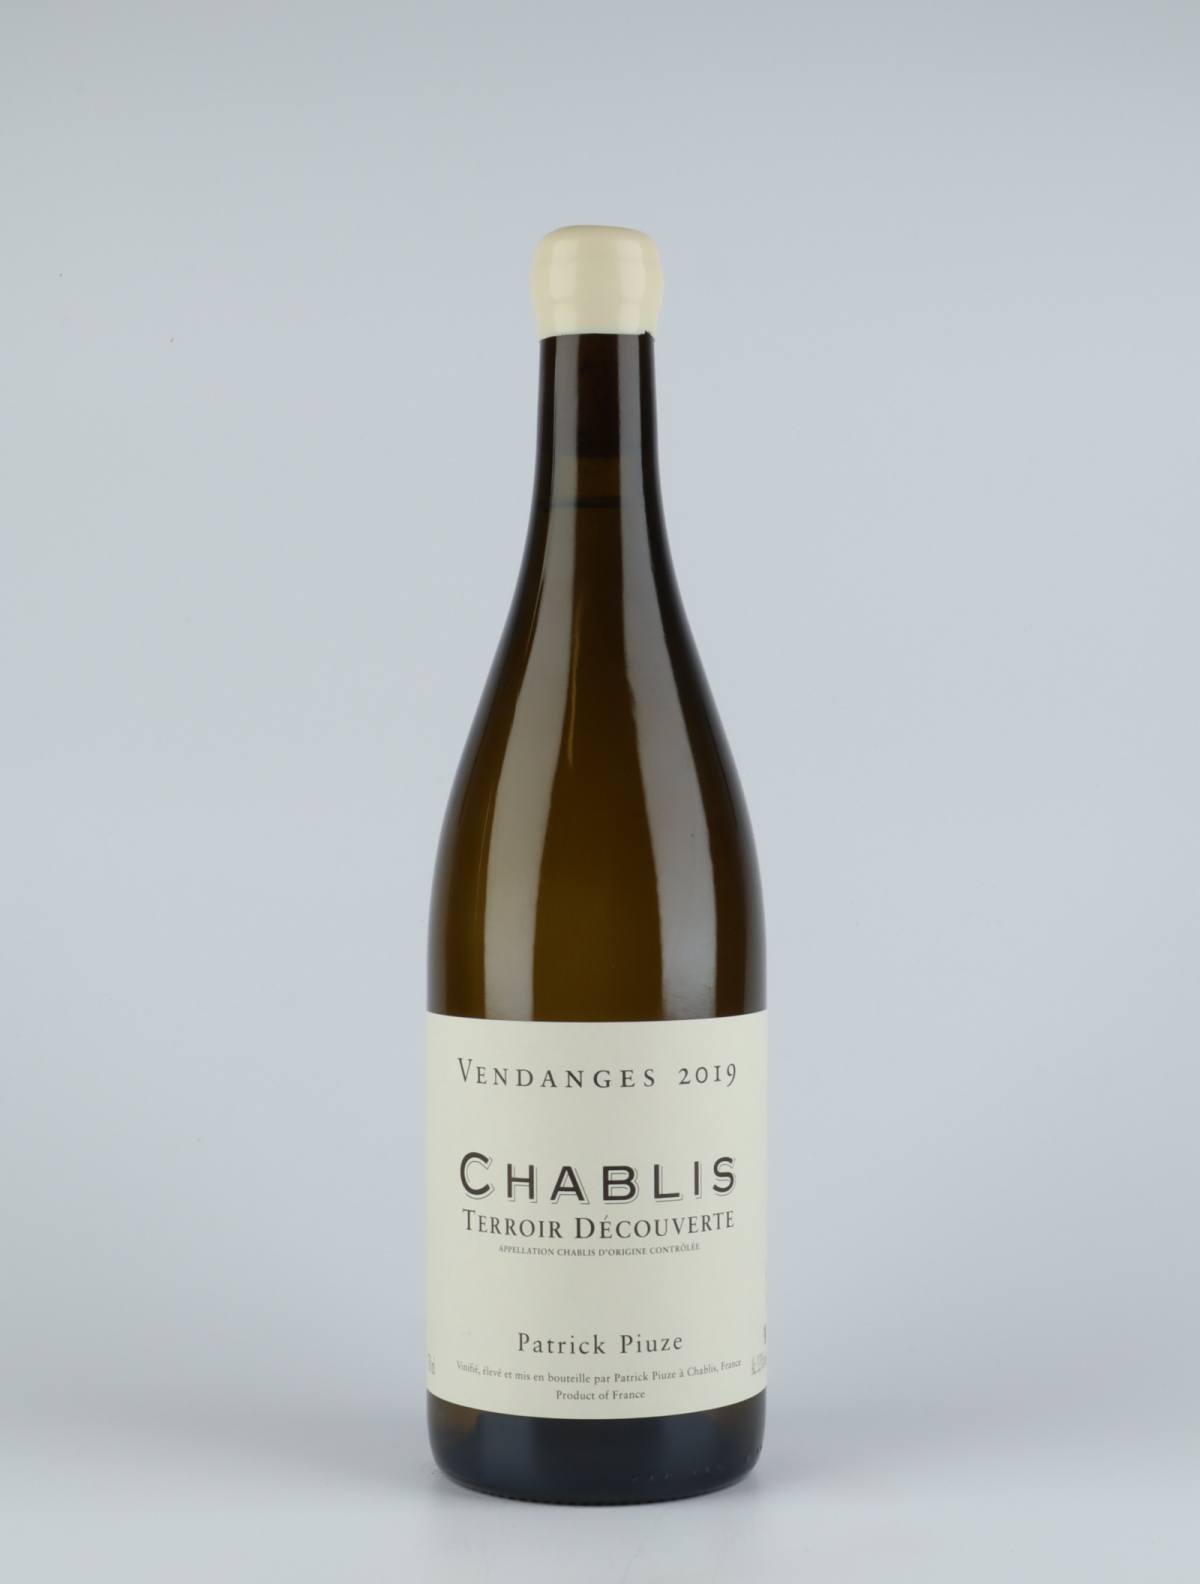 Chablis - Terroir Découverte